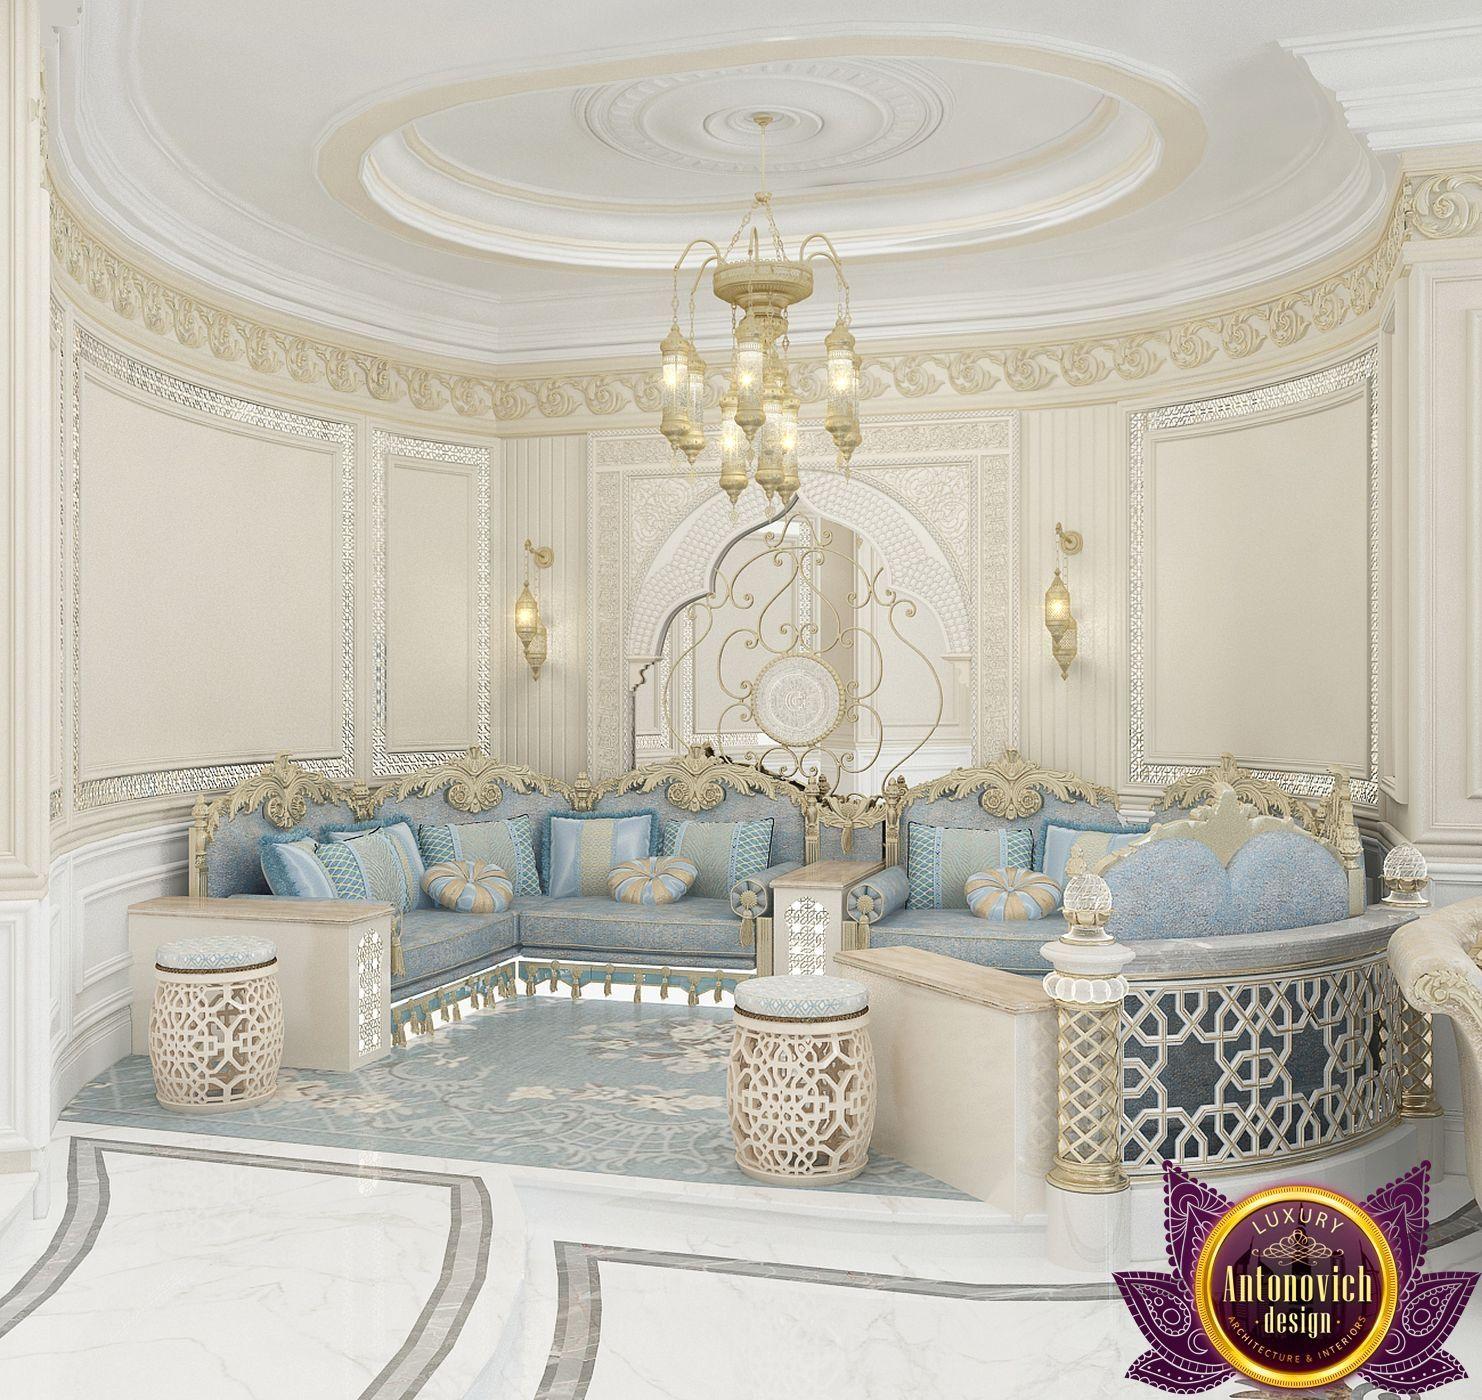 Pin de lulu en decoracion dise o de interiores - Decoracion arabe interiores ...